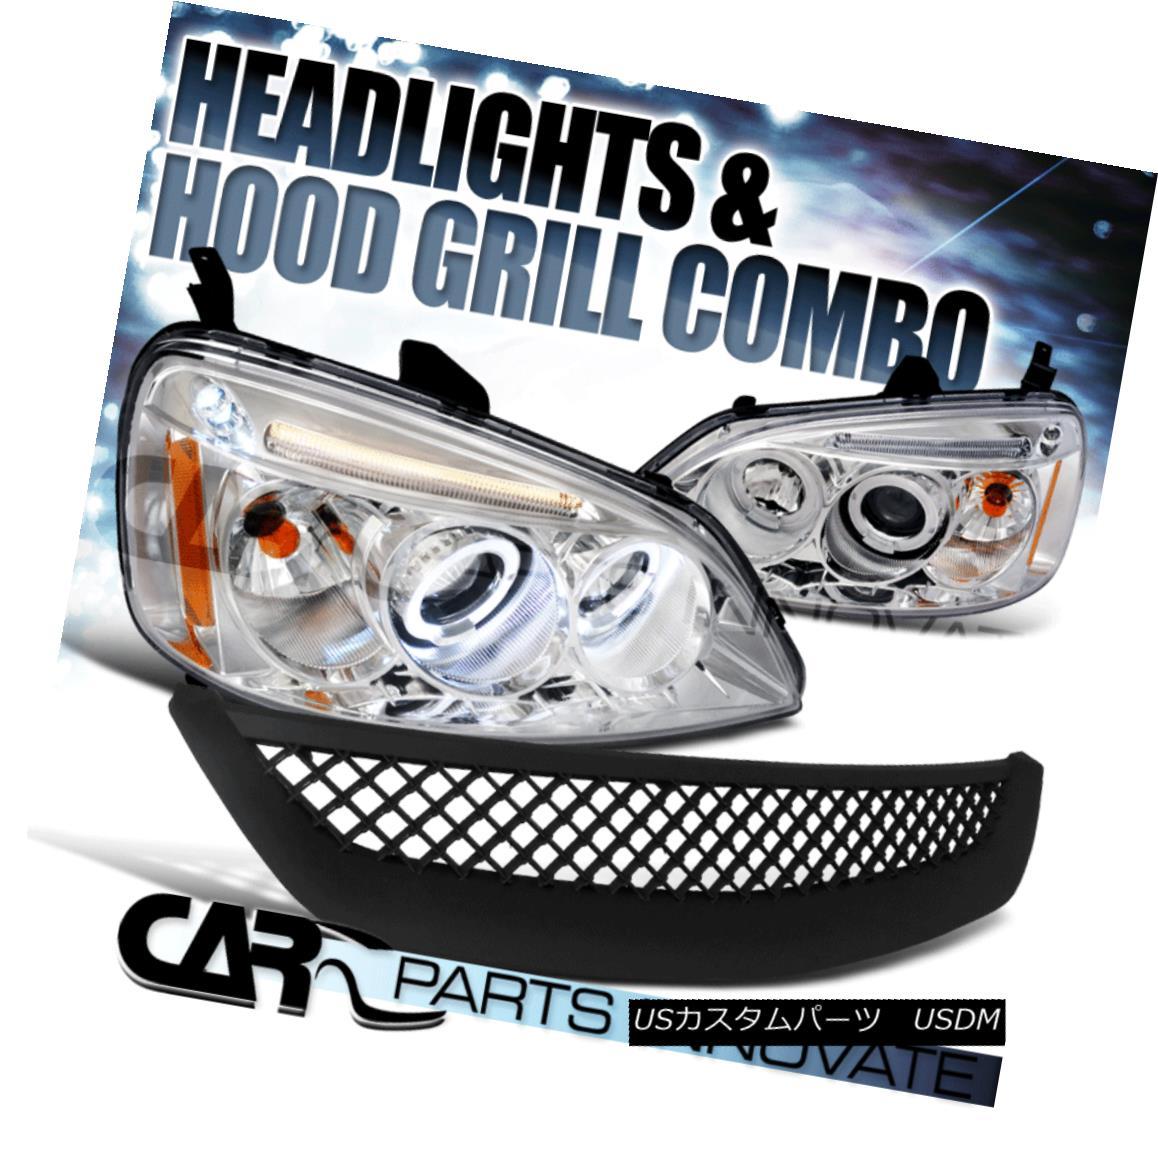 グリル Fit 01-03 Honda Civic 2/4Dr Clear Halo Projector Headlights+ABS Mesh Hood Grille フィット01-03ホンダシビック2 / 4Drクリアハロープロジェクターヘッドライト+ ABSメッシュフードグリル